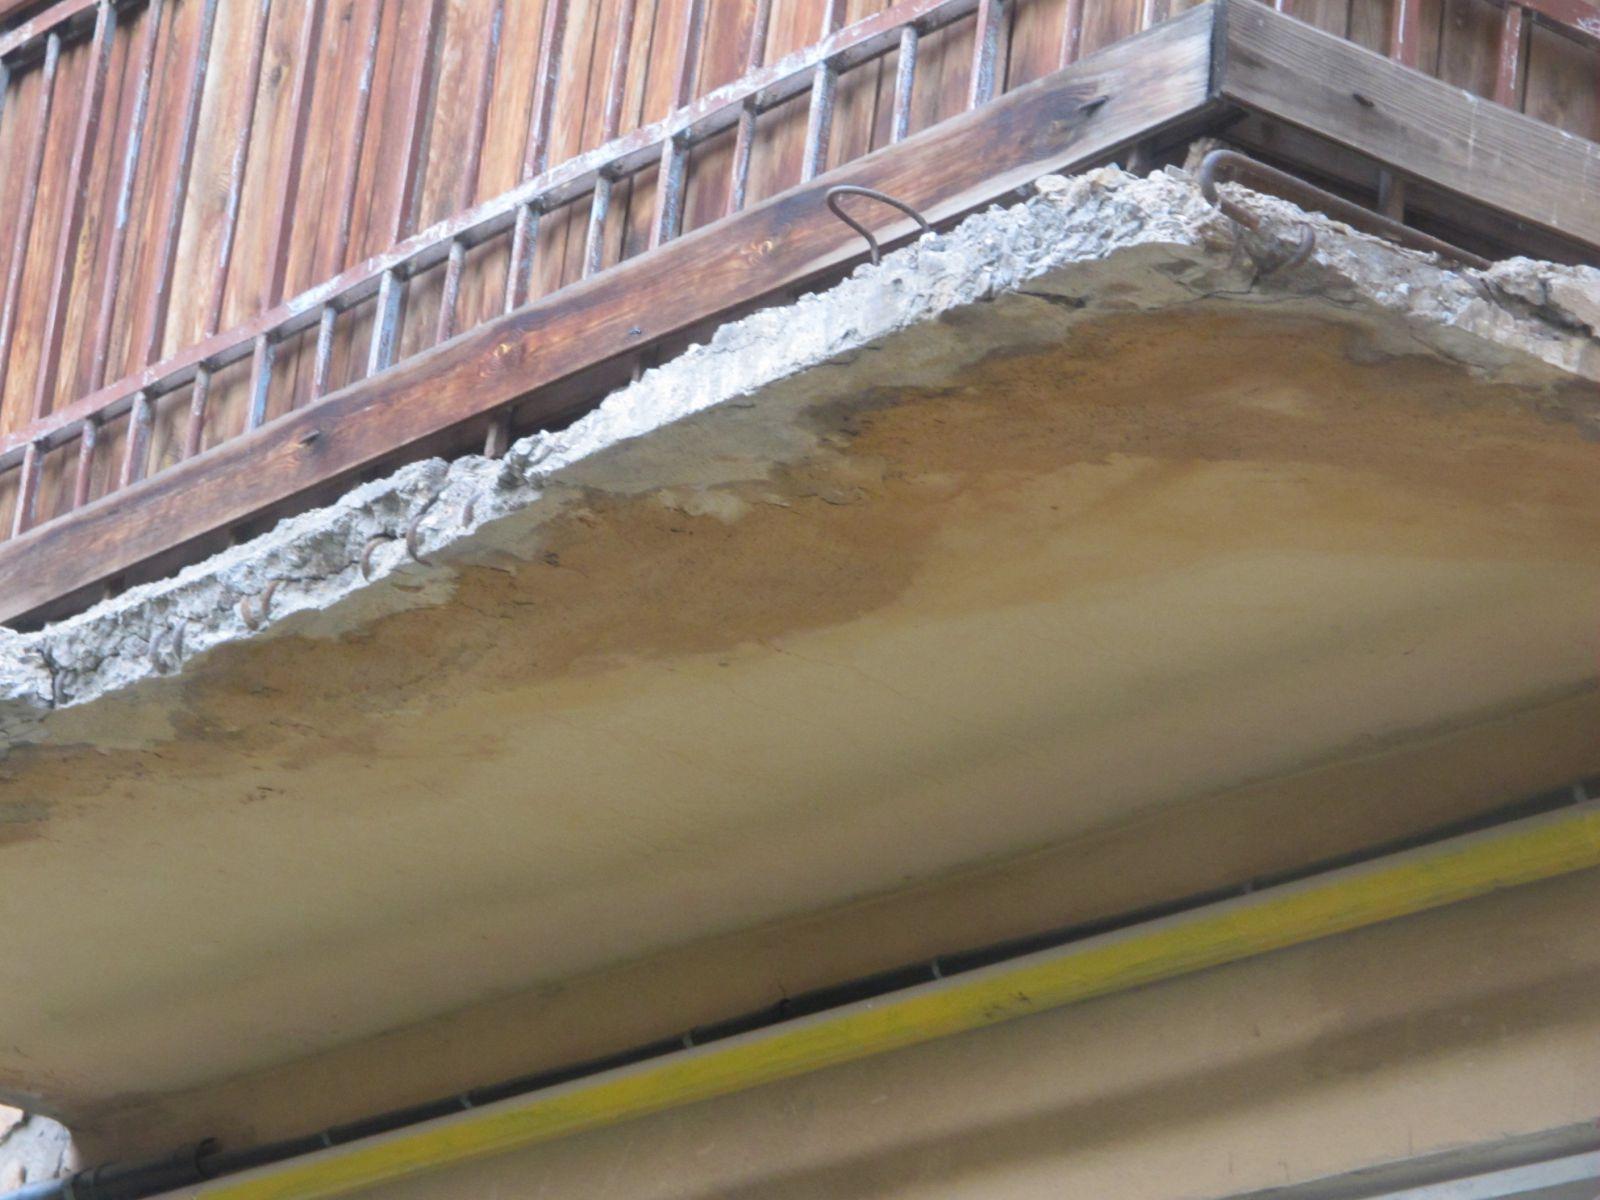 Жалоба на управляющую компанию: разрушение балконных плит.